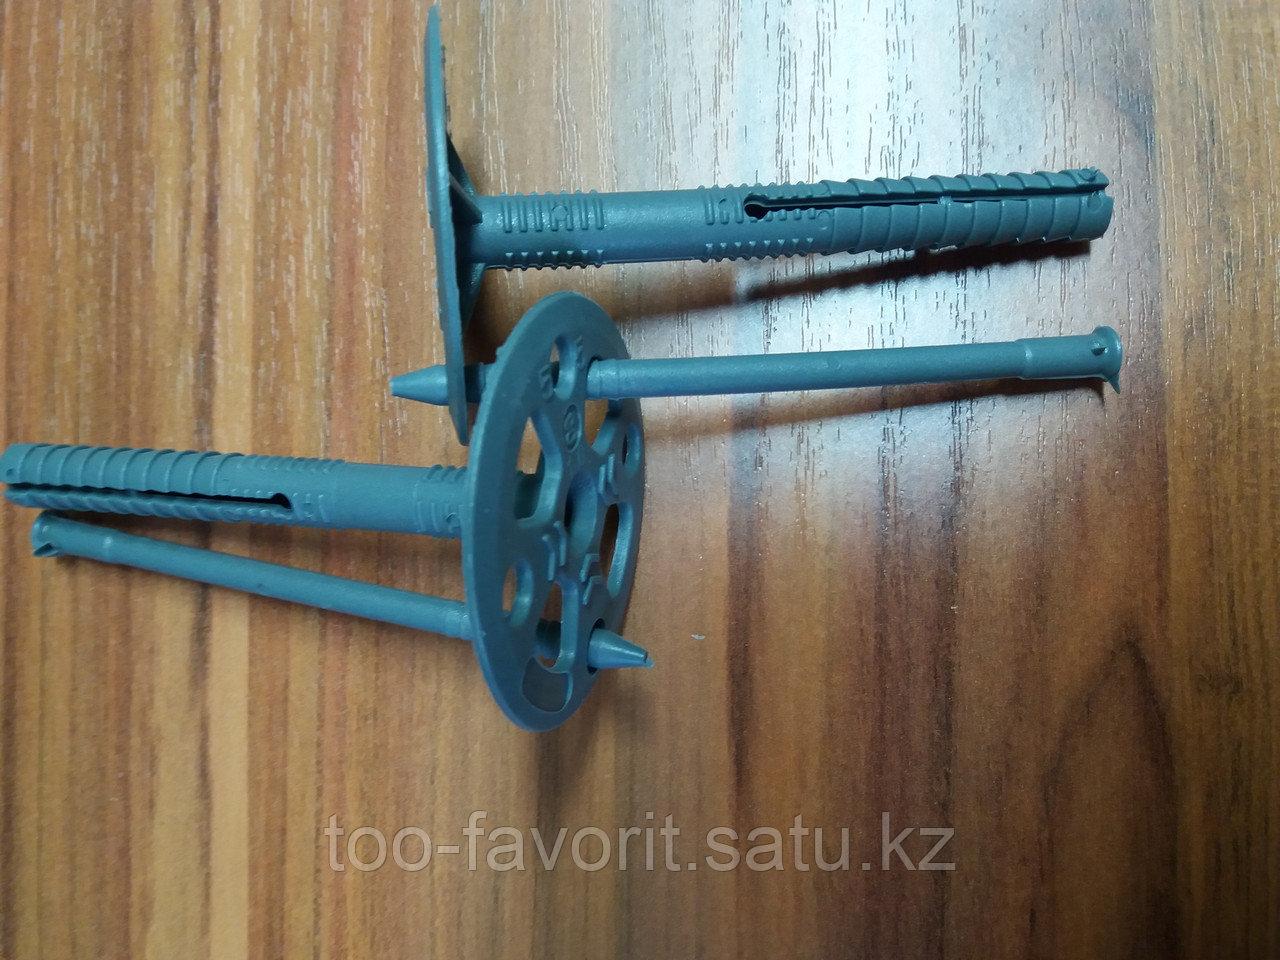 Дюбель Tytan для изоляции с пластиковым расклинивающим гвоздем (10х70)